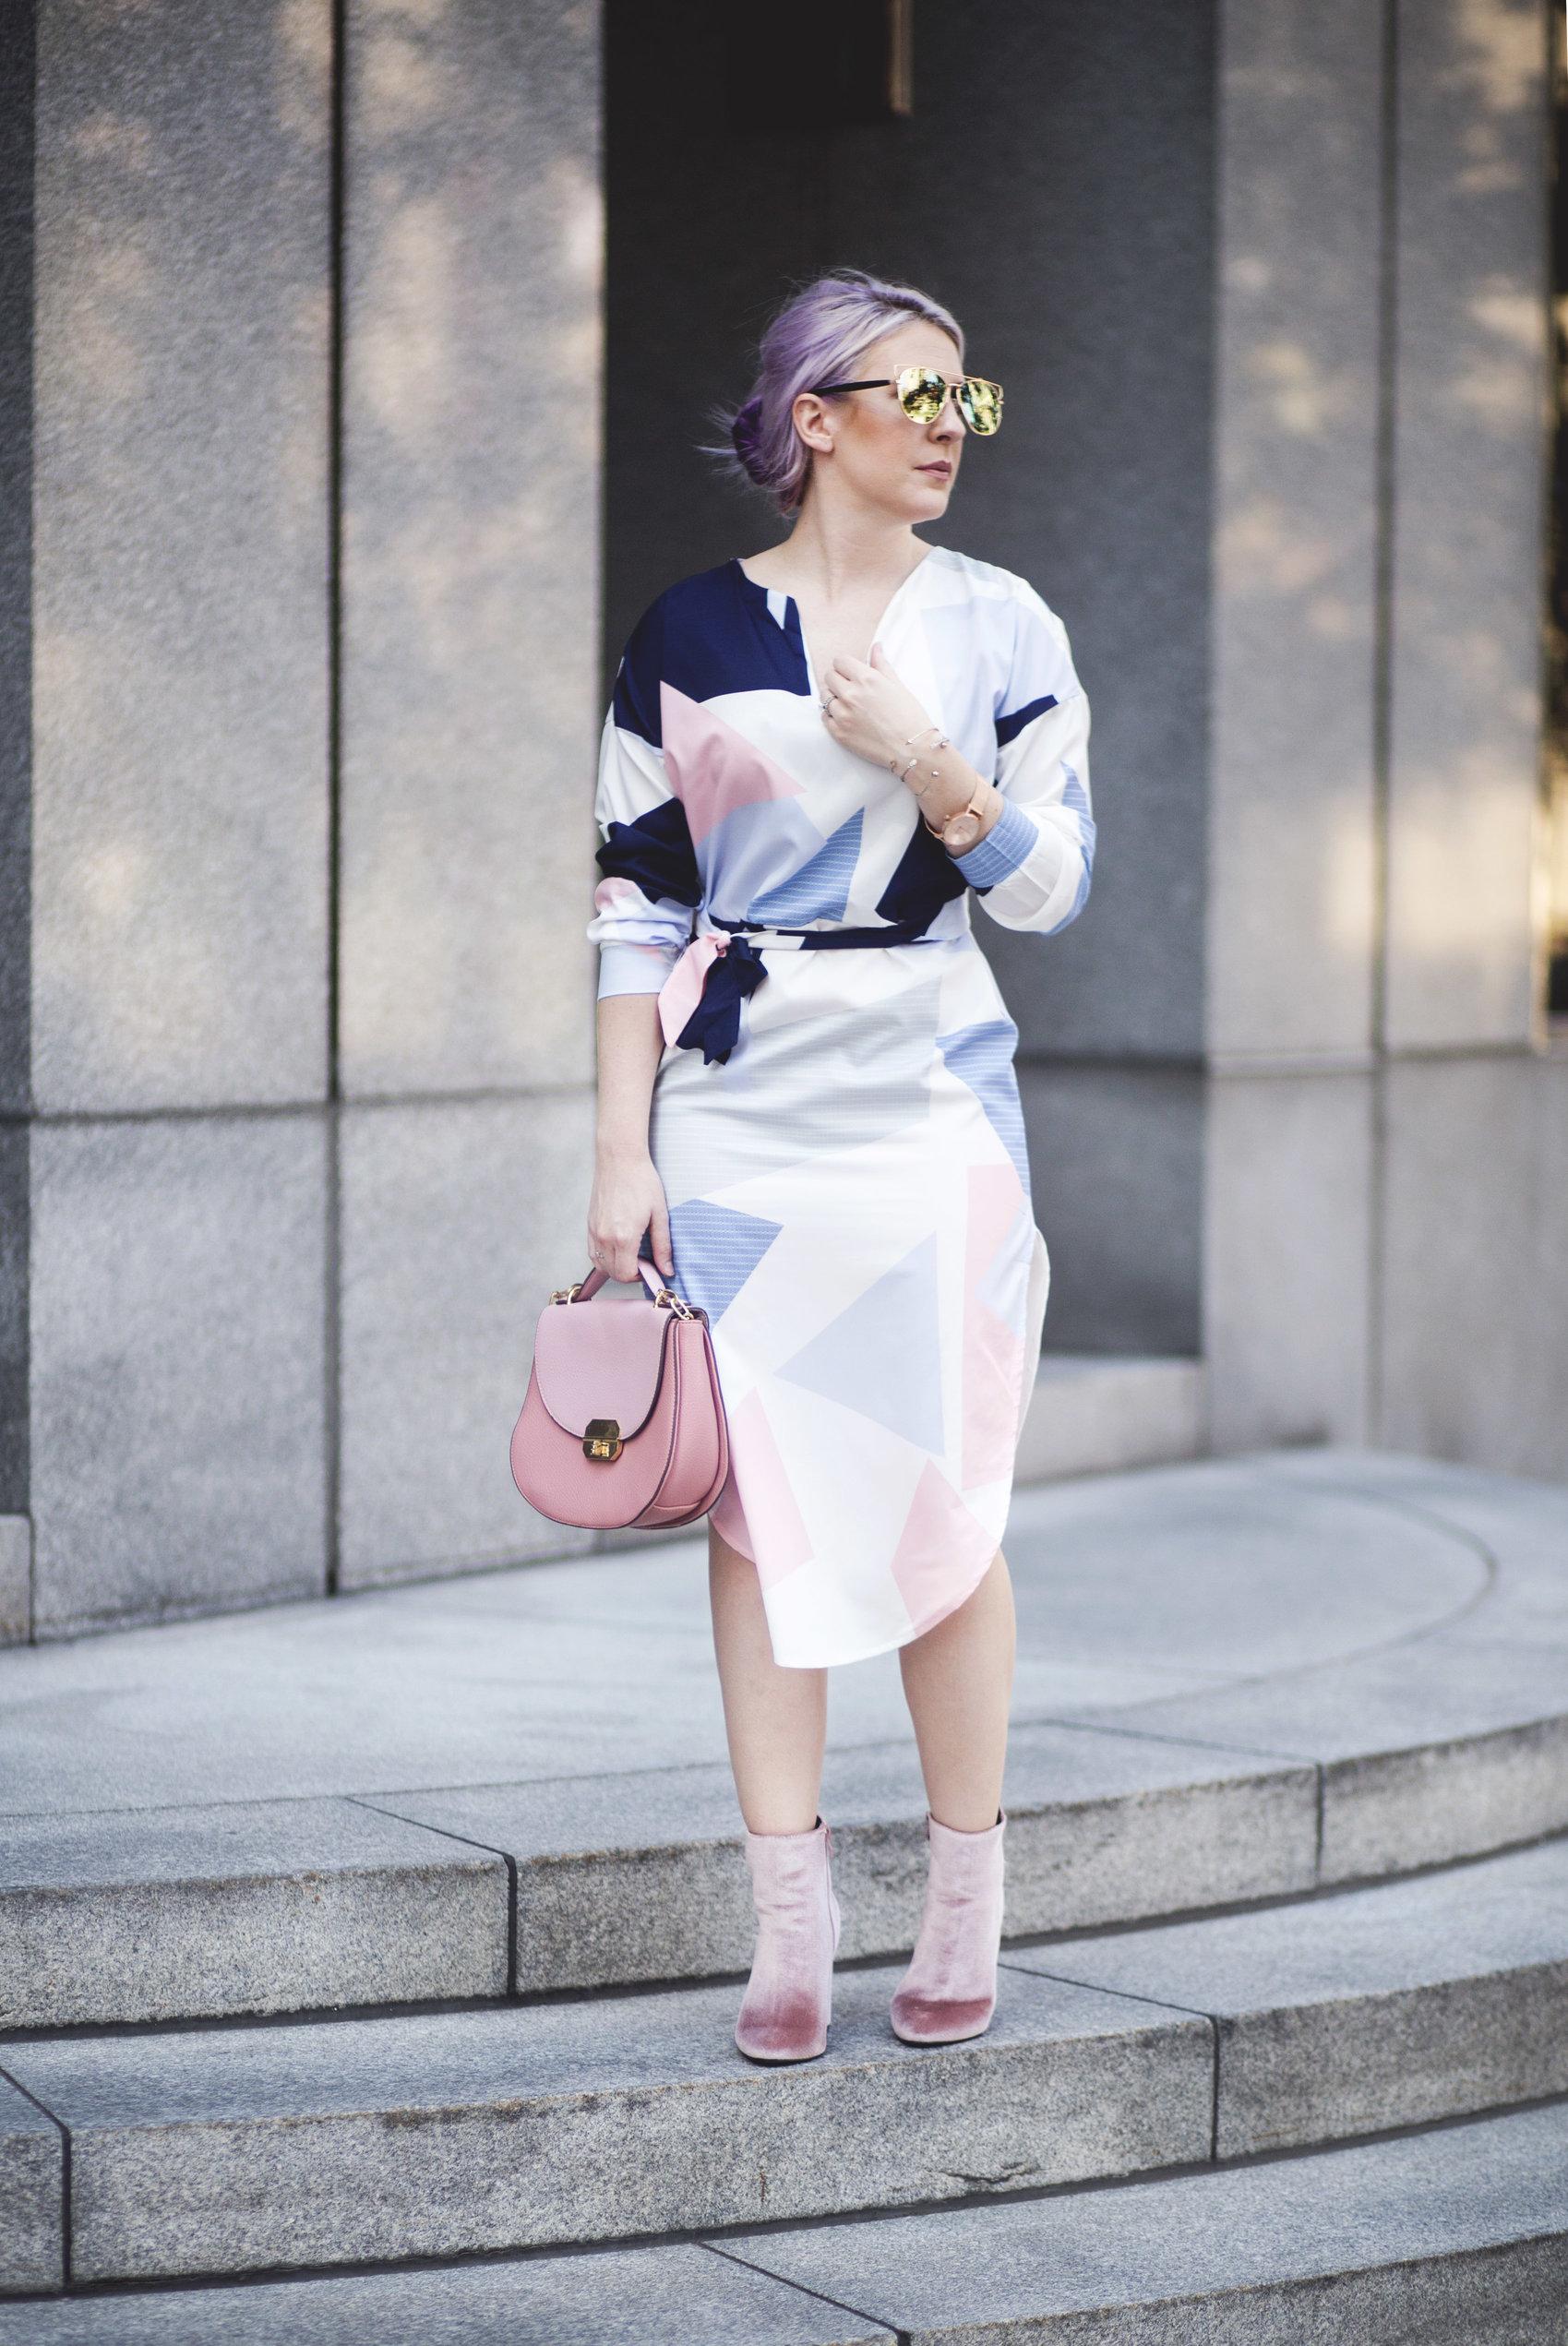 style blog, fashion blog, houston blog